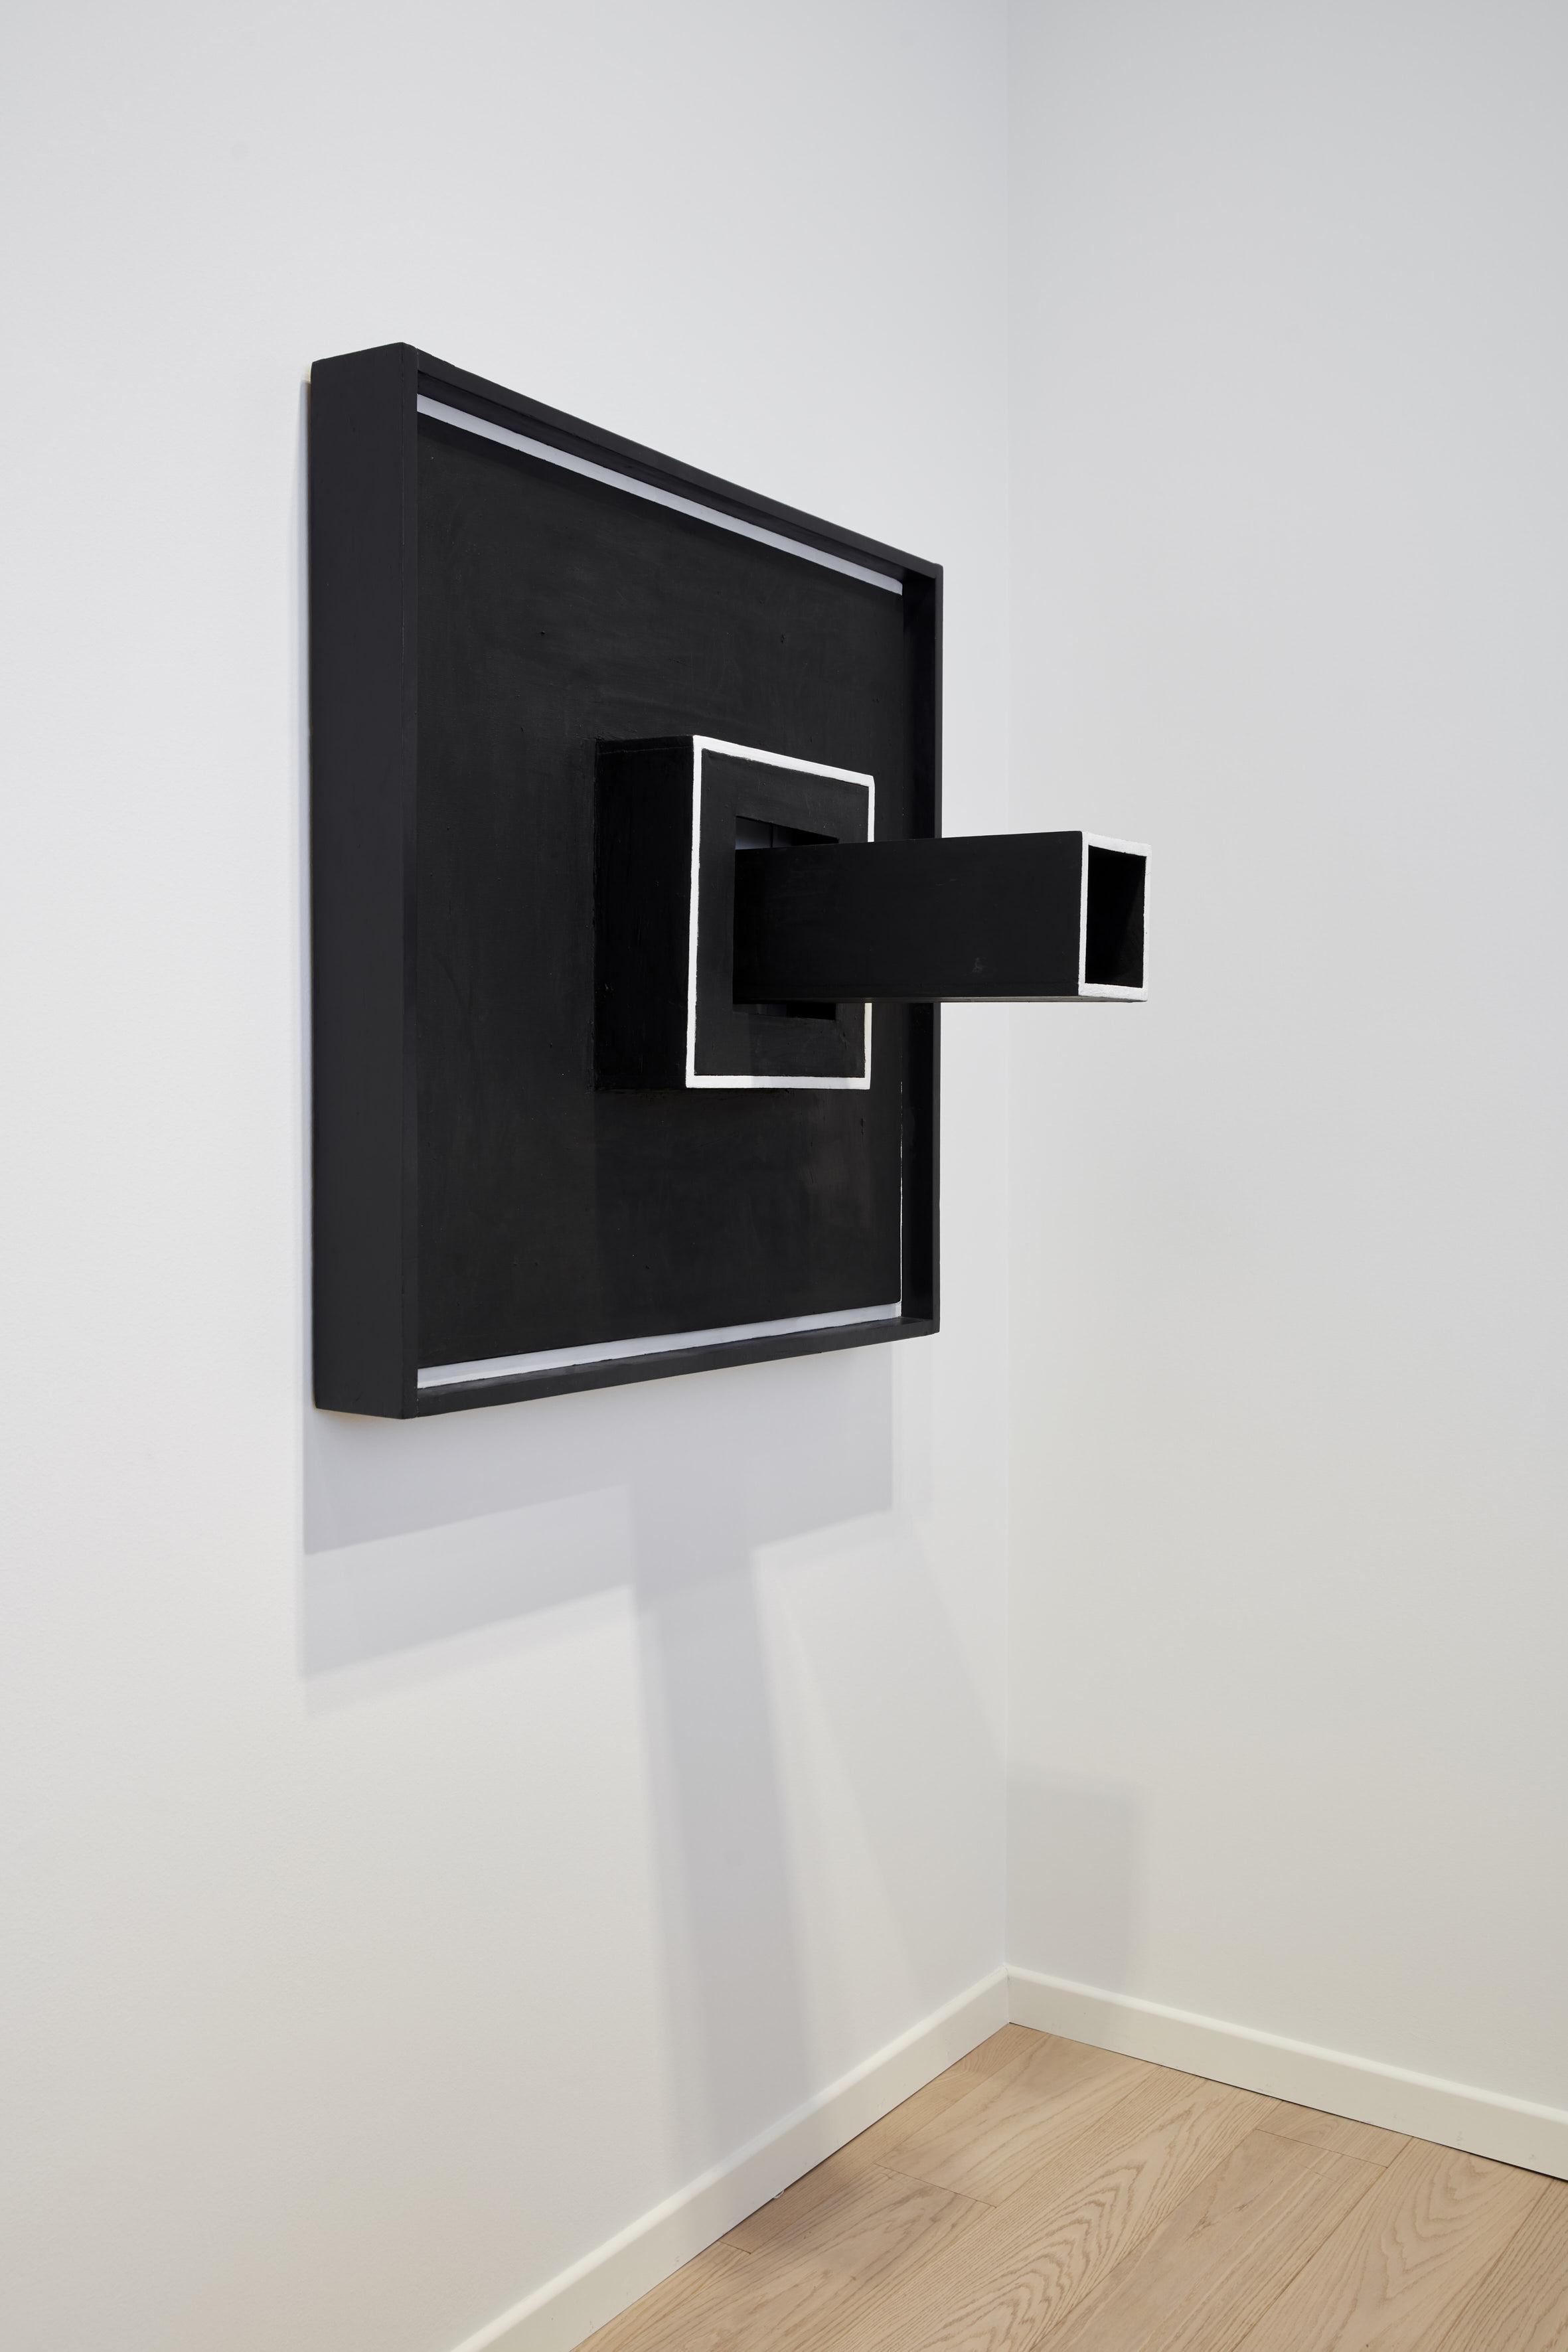 Sol LeWitt Wall Structure Black, 1962 Olio su tela e legno dipinto 99,1x99,1x59,7 cm Courtesy Estate of Sol LeWitt e Pace Gallery